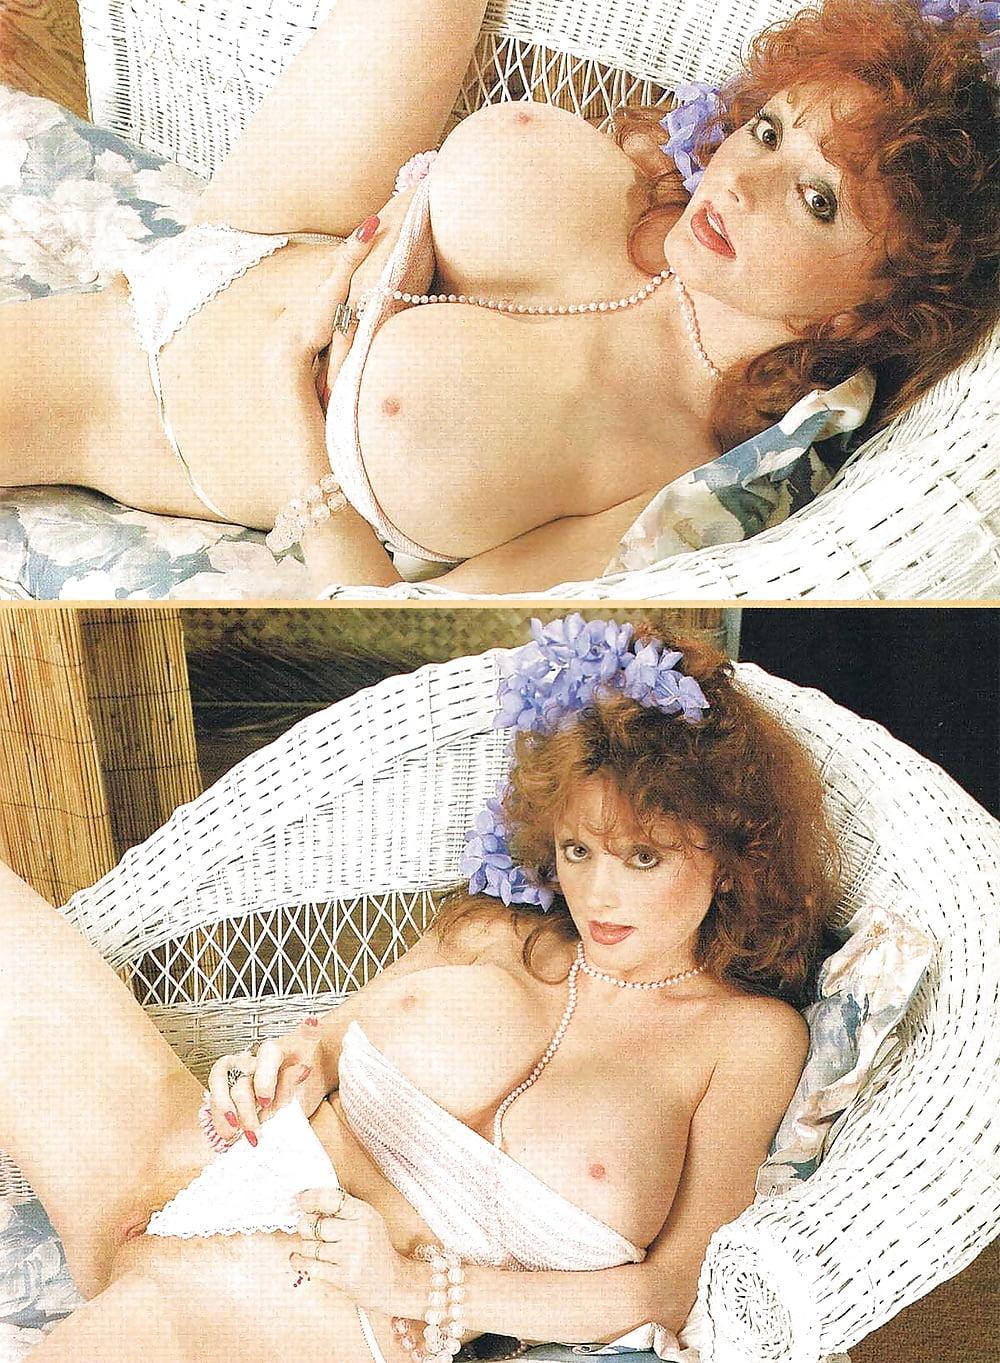 leanne lovelace